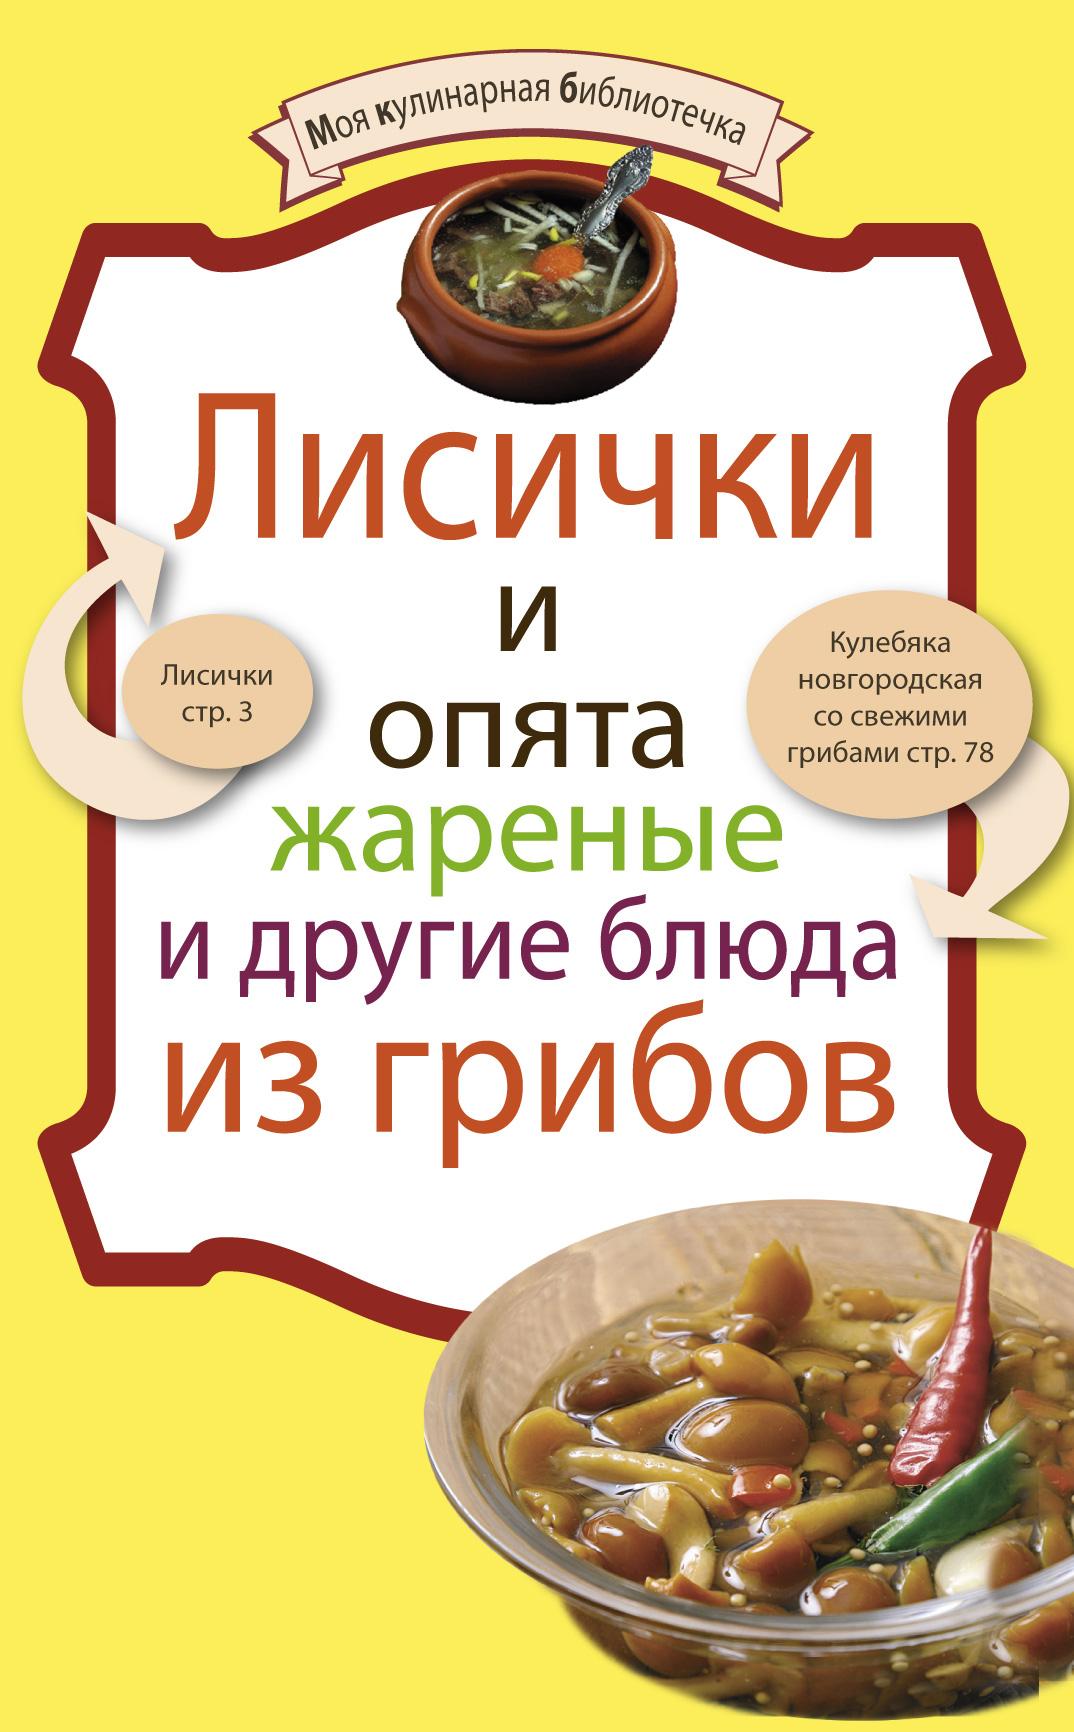 Отсутствует Лисички и опята жареные и другие блюда из грибов